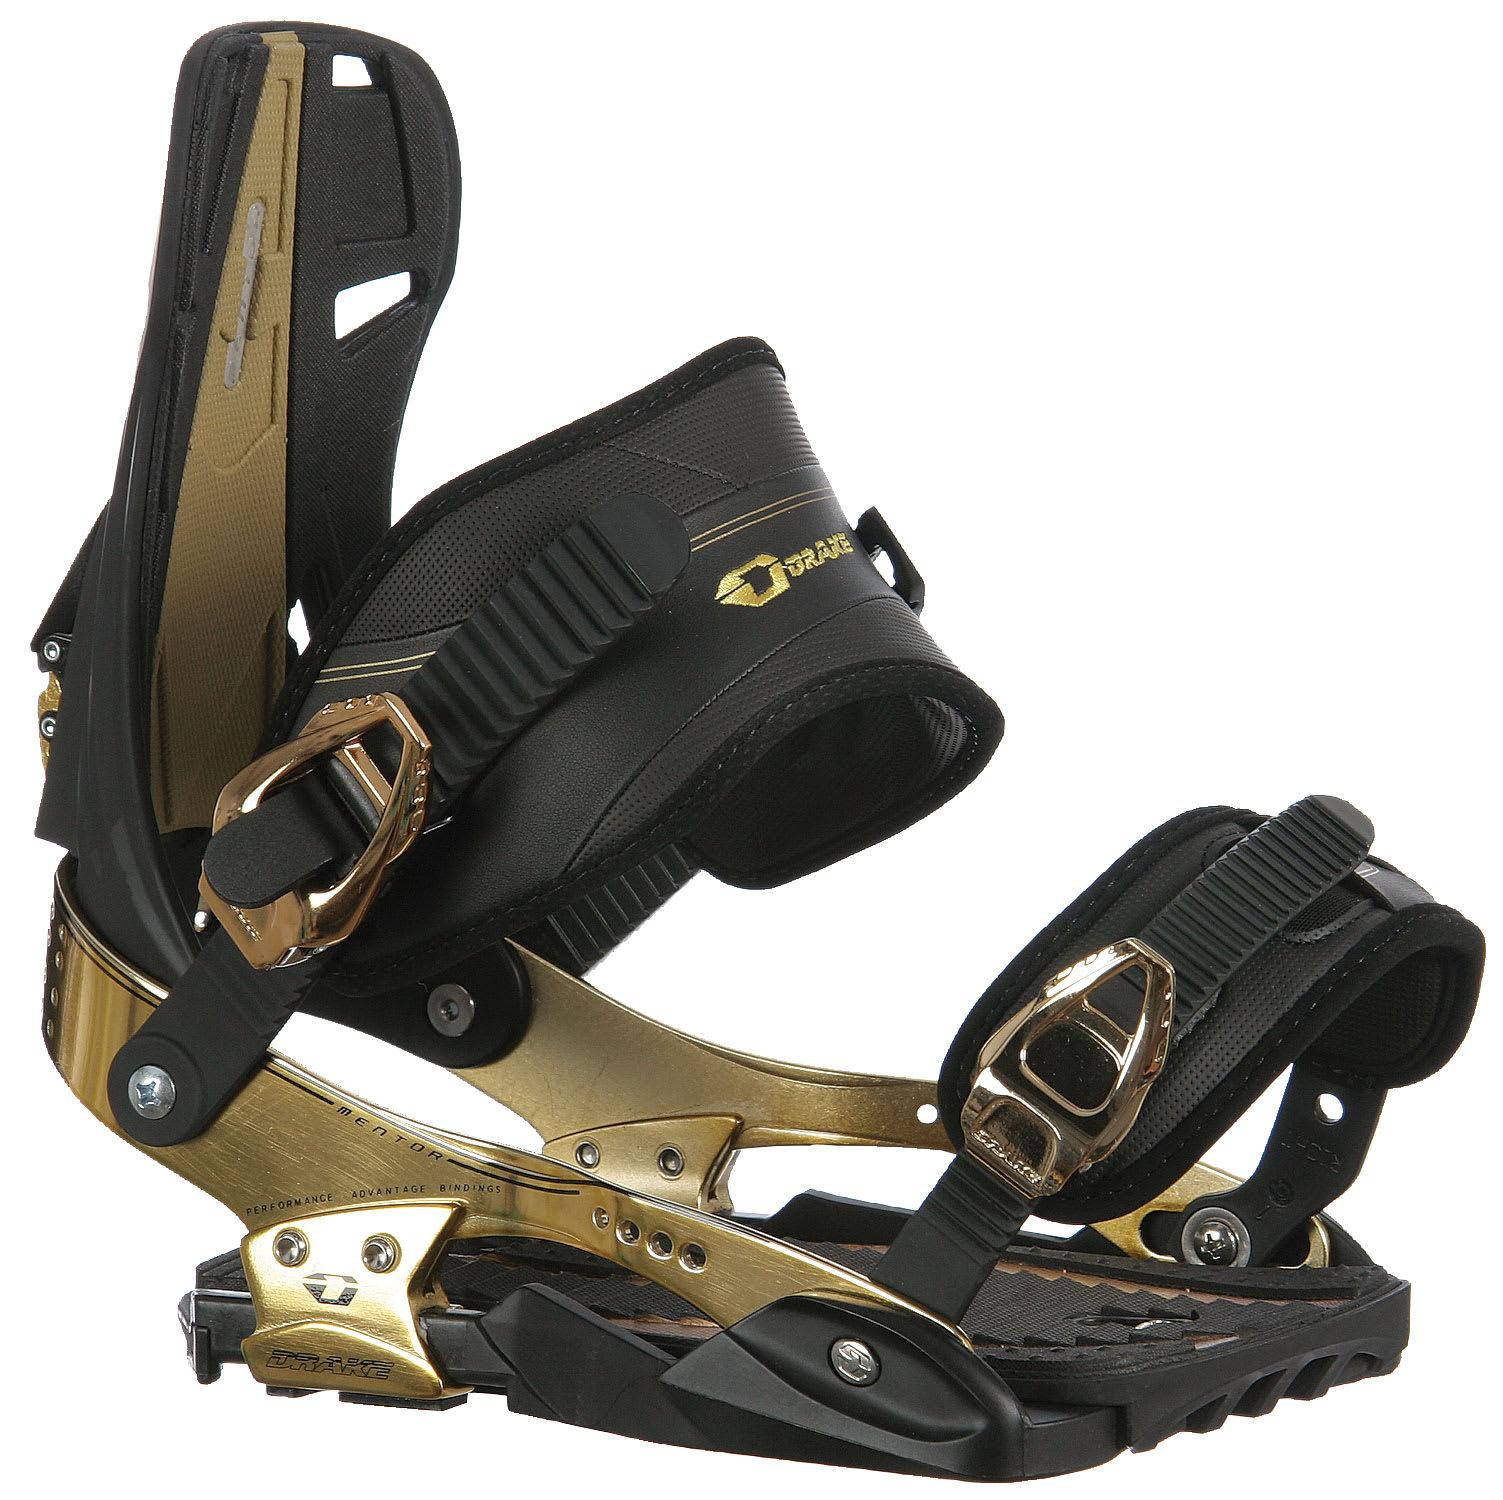 Drake Supersport Snowboard Binding: Drake Mentor Snowboard Bindings